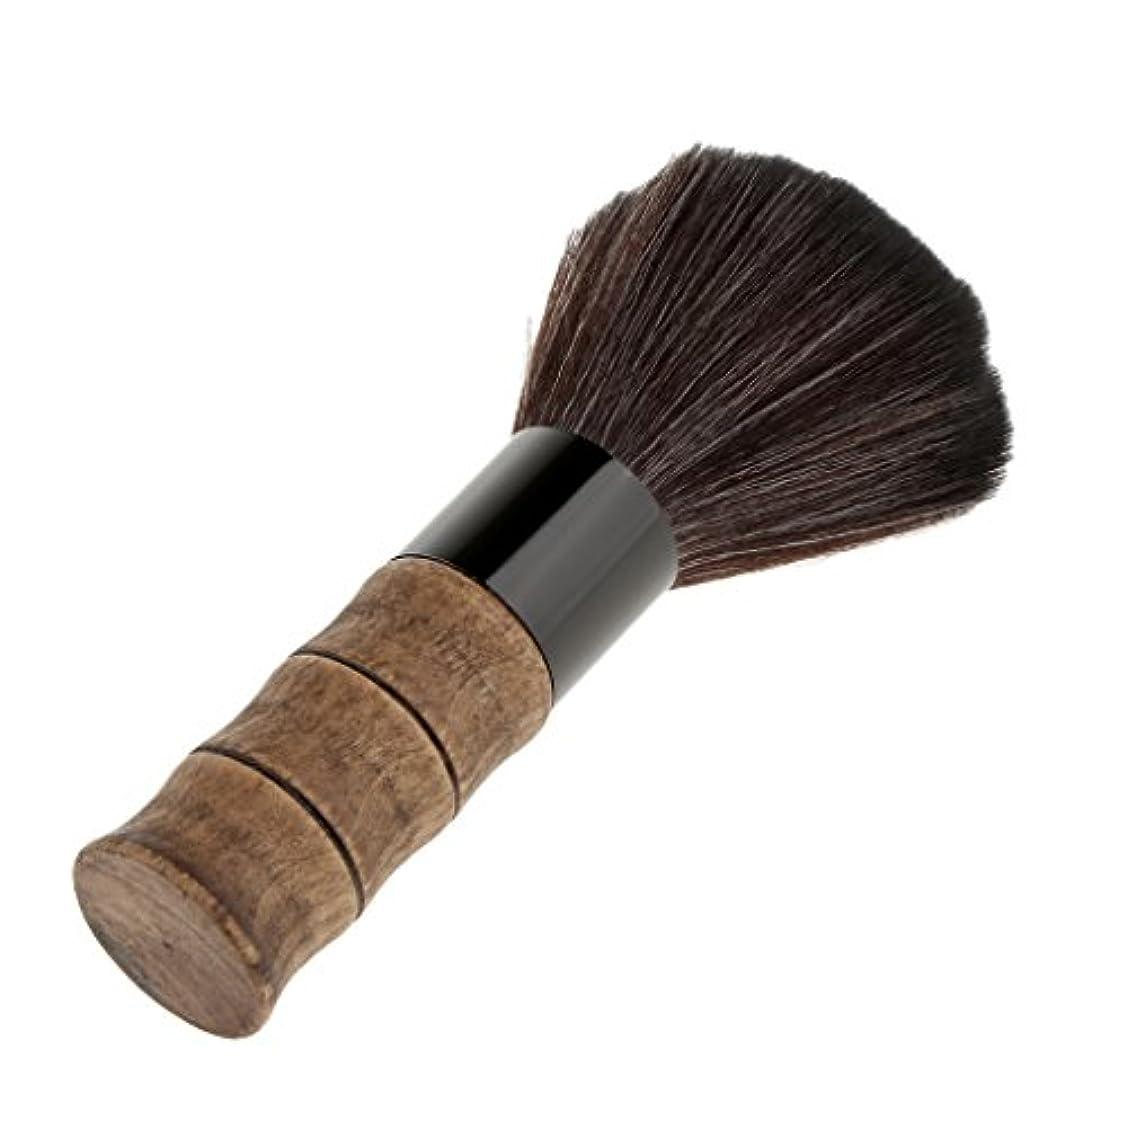 織機豊富授業料ブラシ シェービングブラシ メイクブラシ ソフト 超柔らかい 繊維 洗顔 木製ハンドル 泡立ち 2色選べる - ブラック